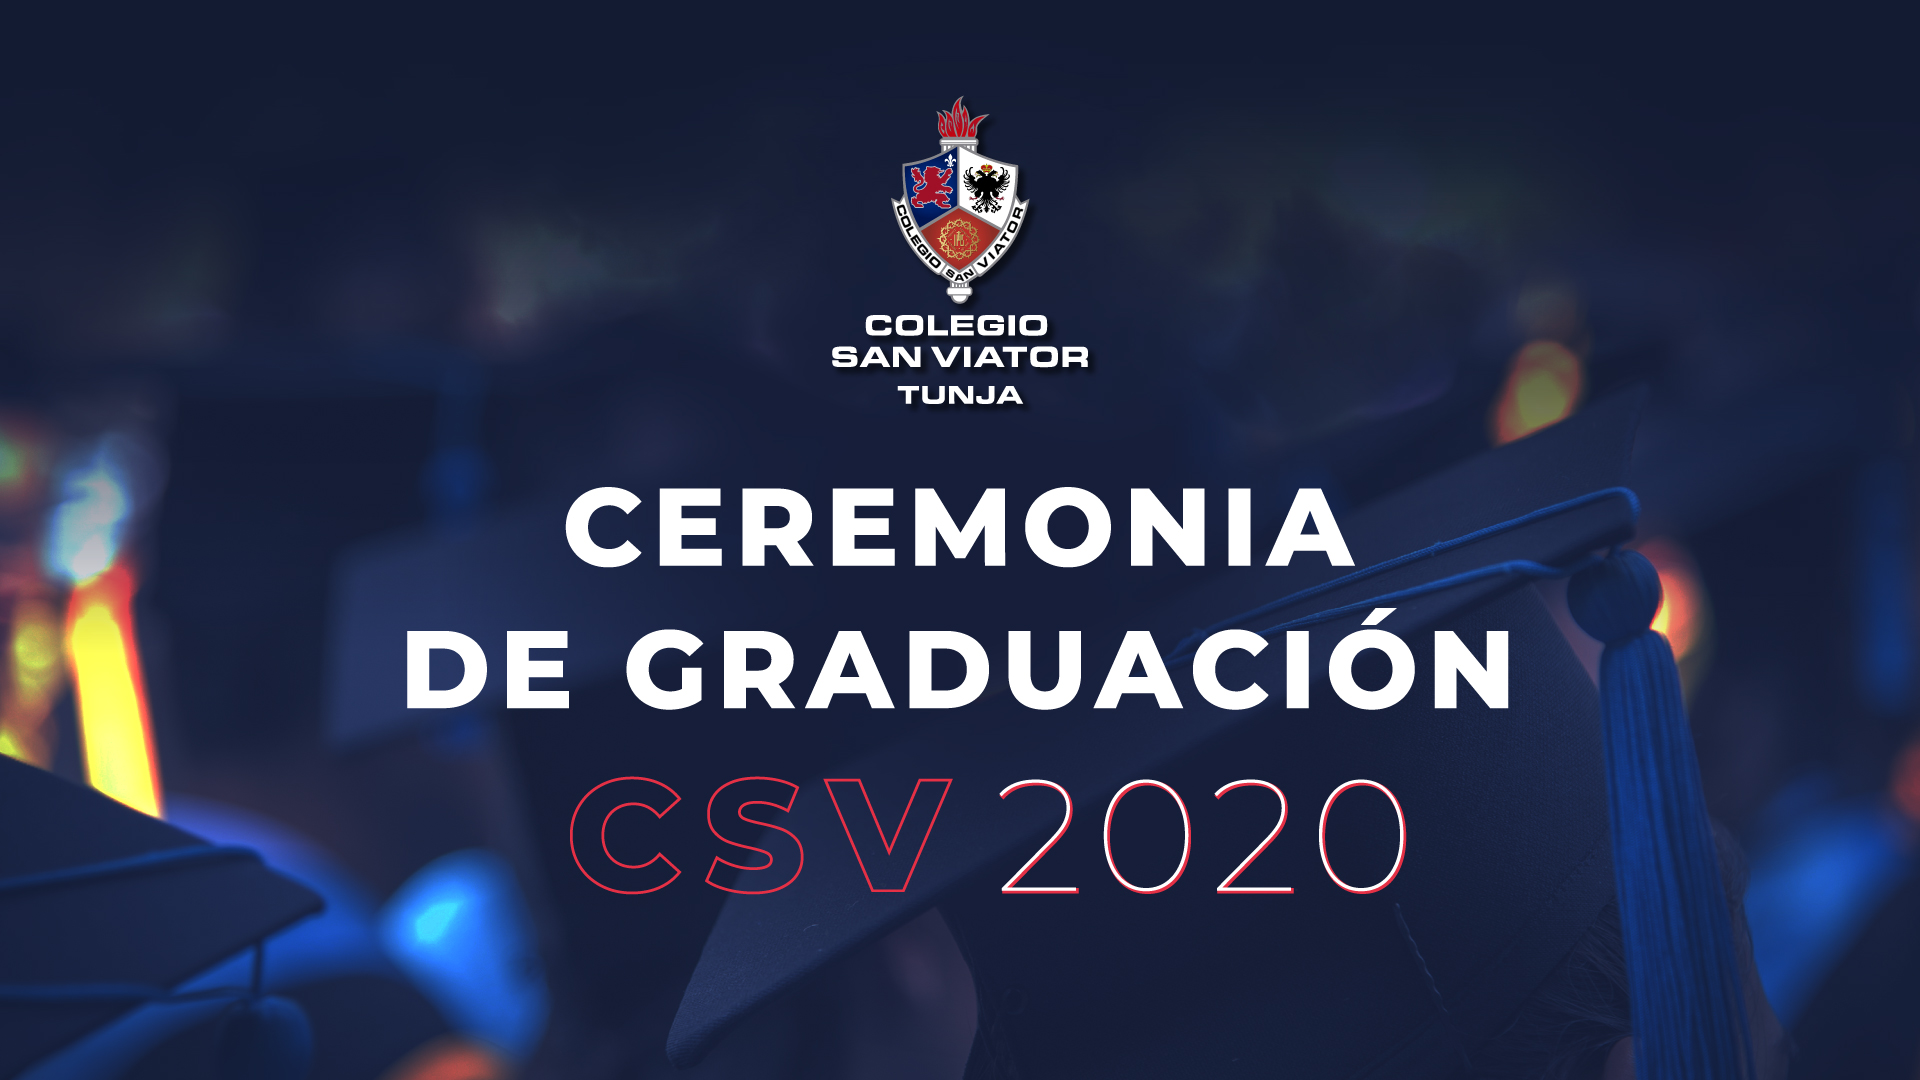 CEREMONIA-DE-GRADUACION-CSV-2020